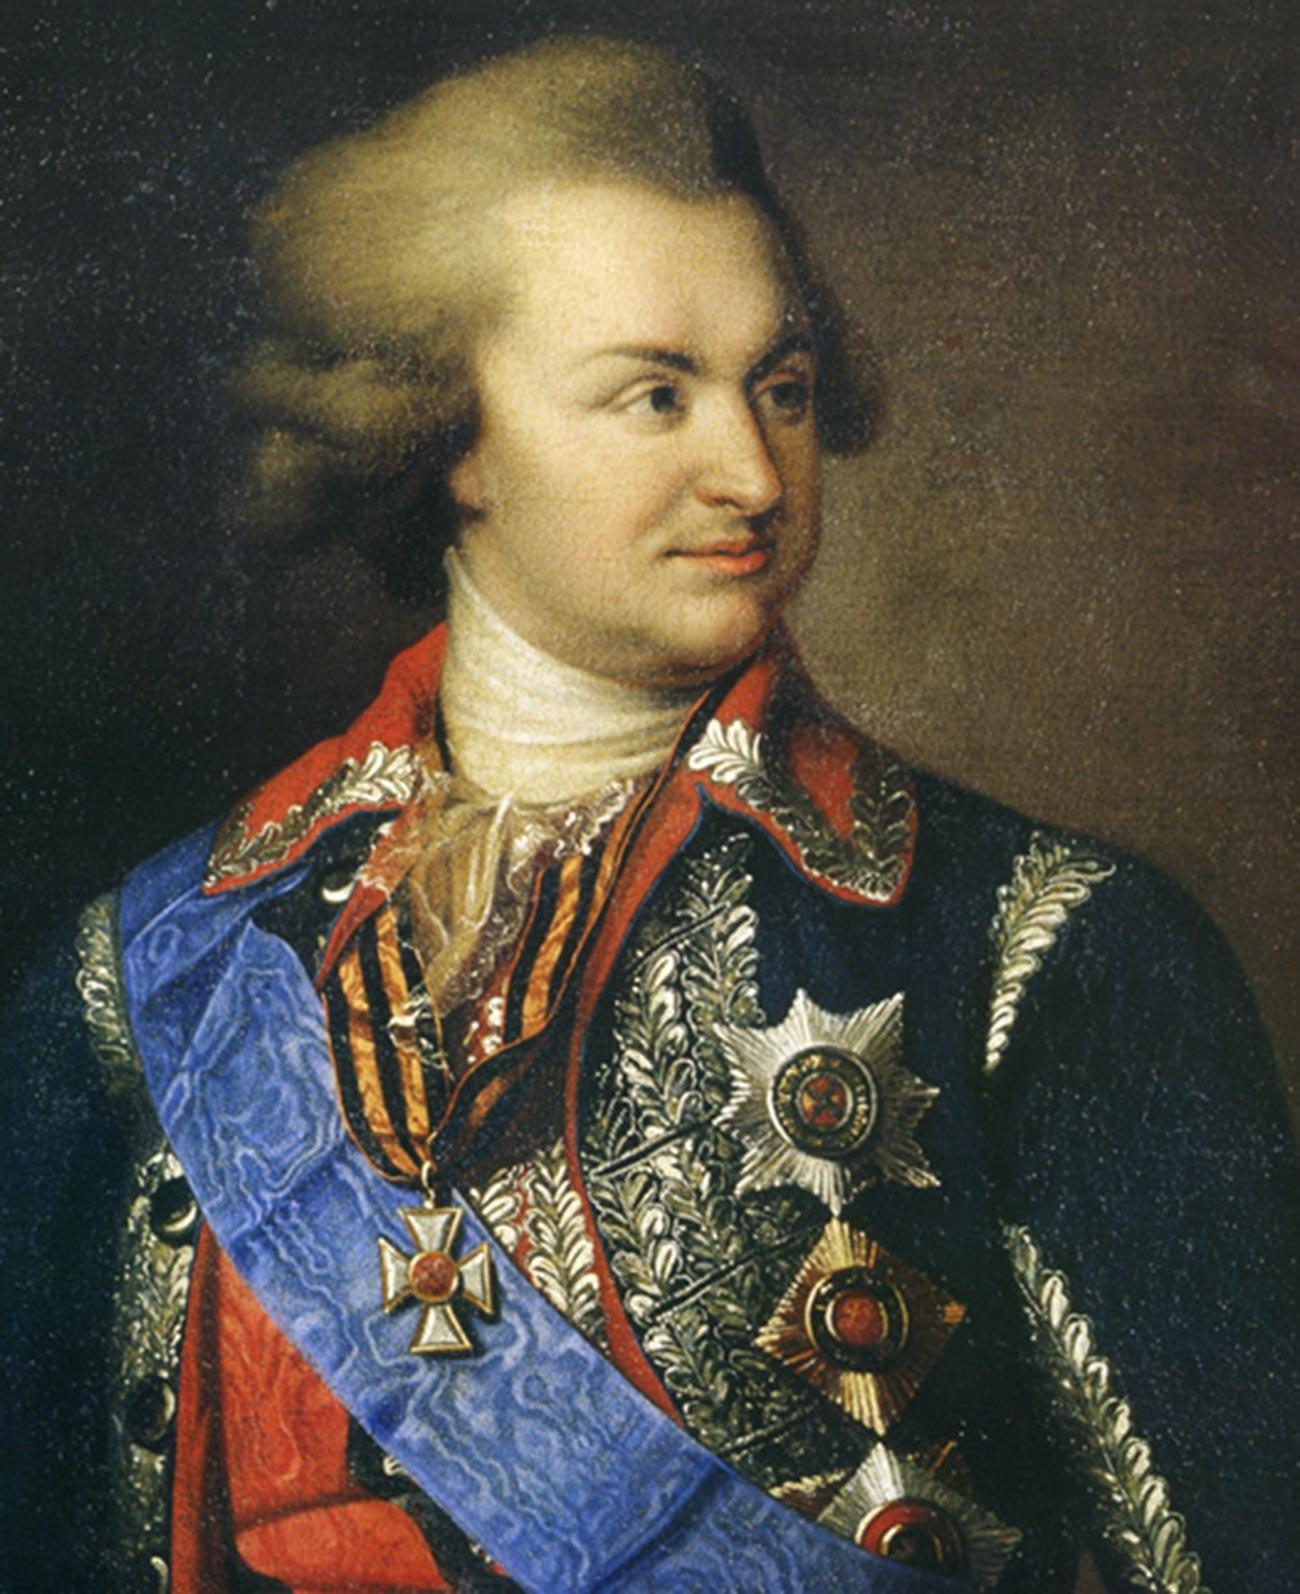 Grigorij Potjomkin